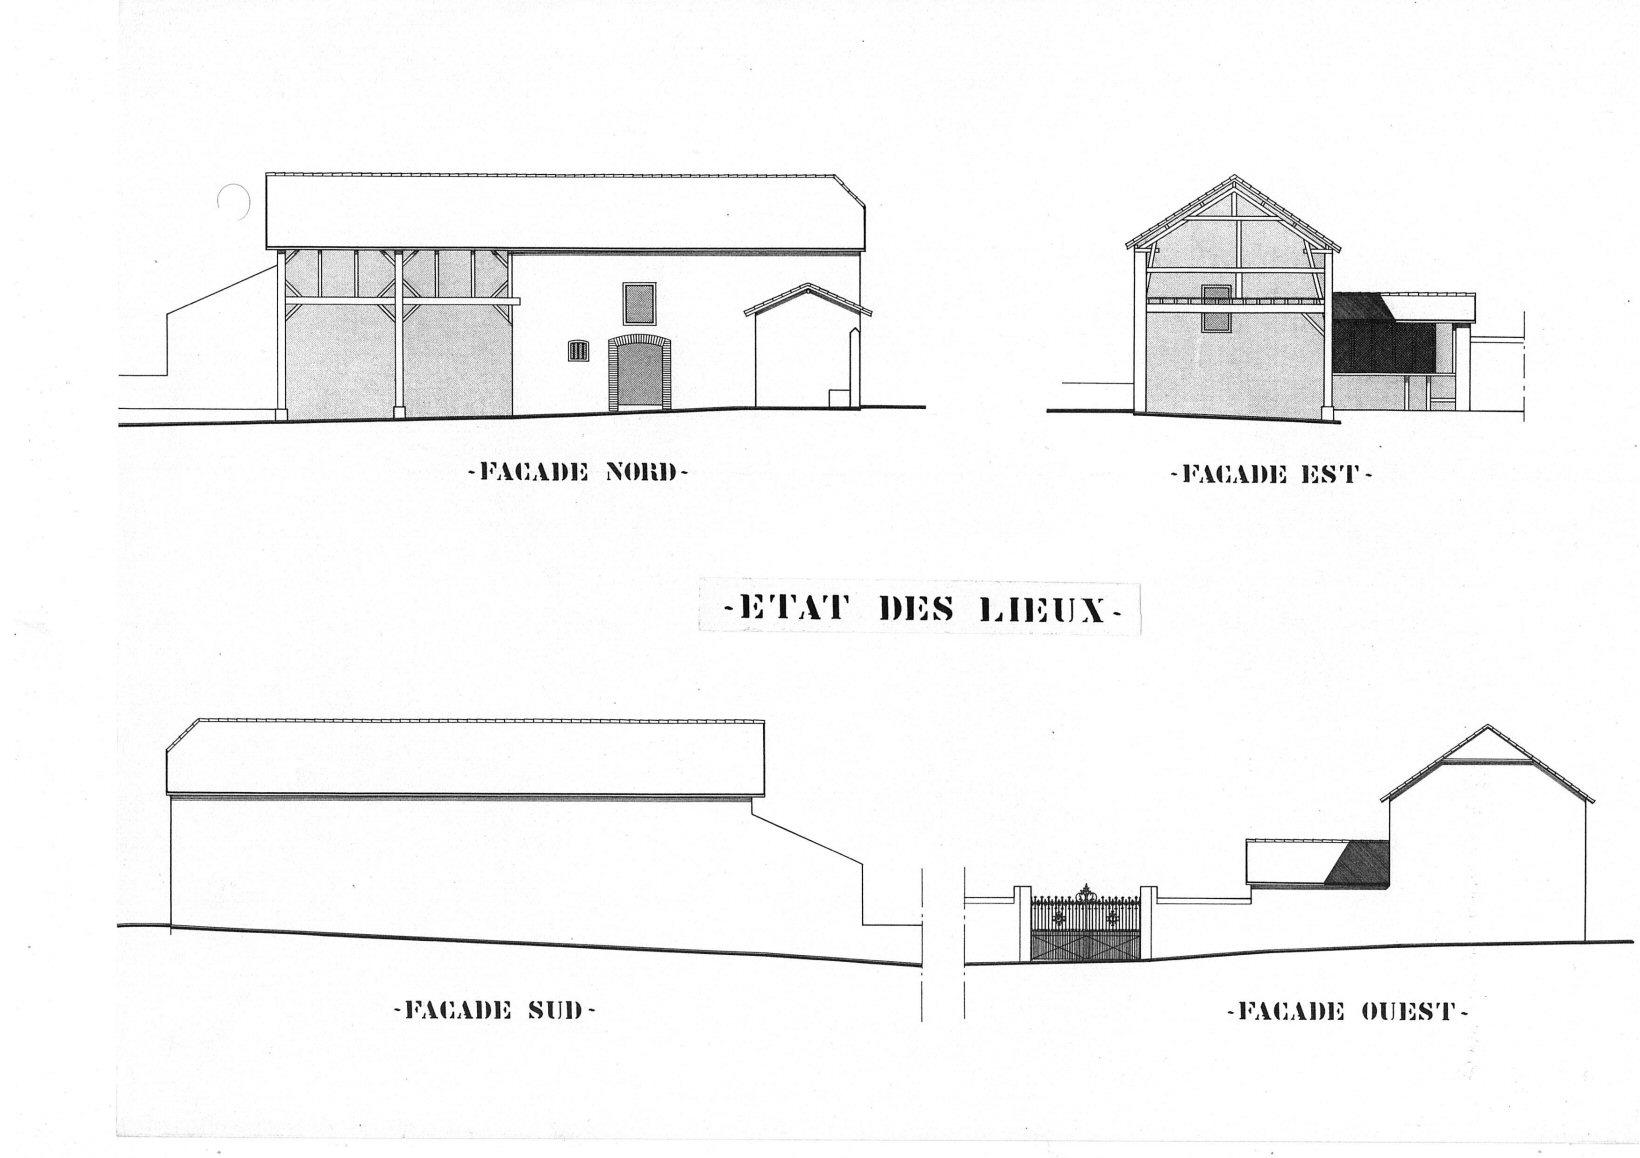 Perspective état des lieux projet de 4 logements - Architecte Jean-Marc Ritondo